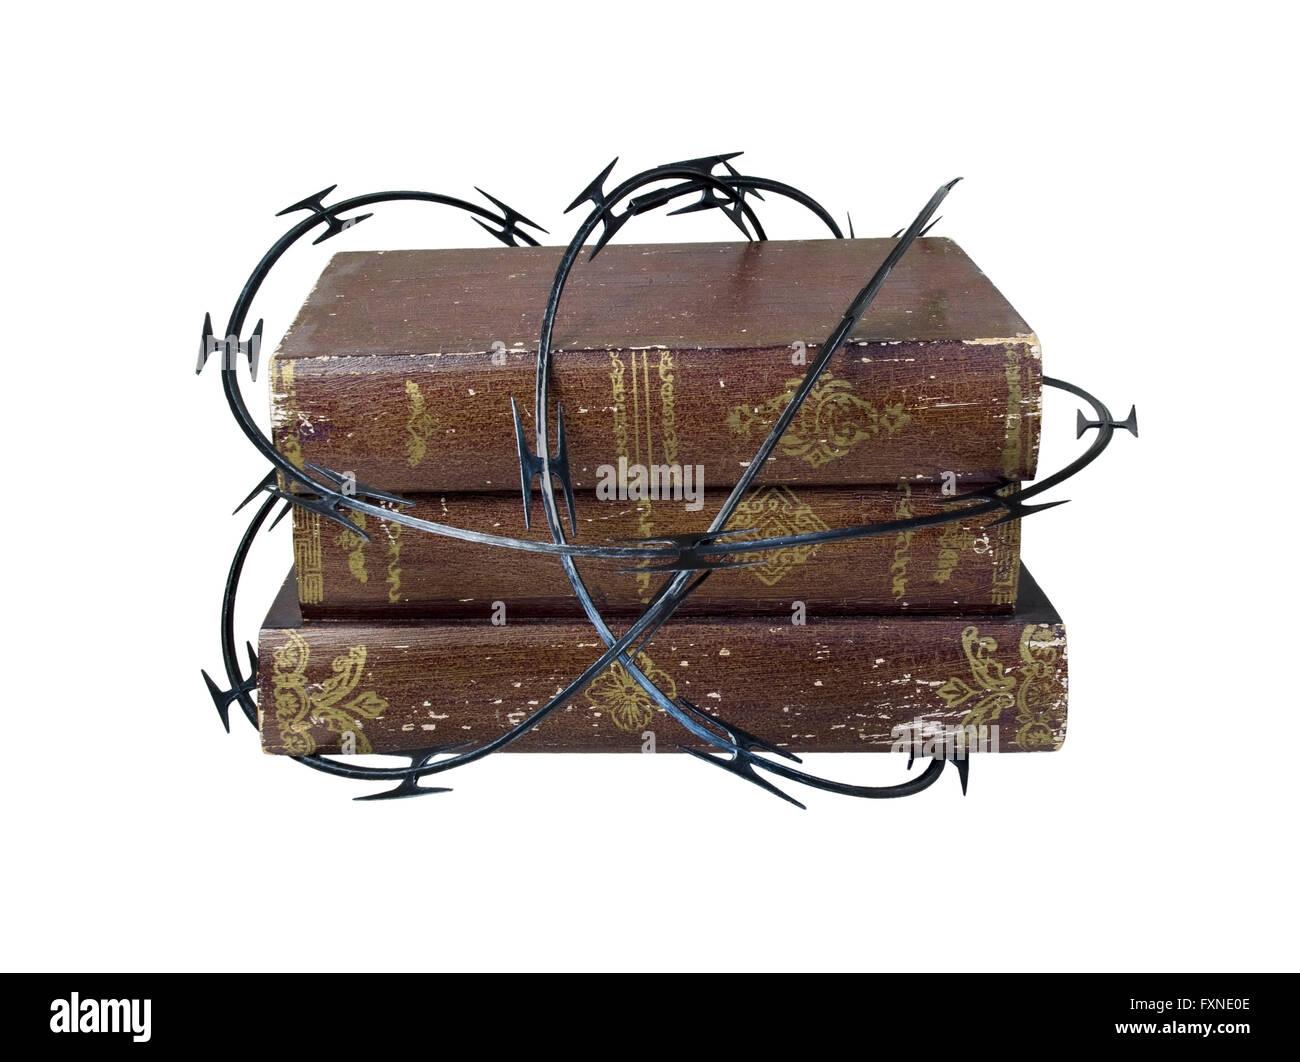 Scharfen Rasiermesser verdrahtet verwendet als Barriere rund um alte Bücher Stockfoto